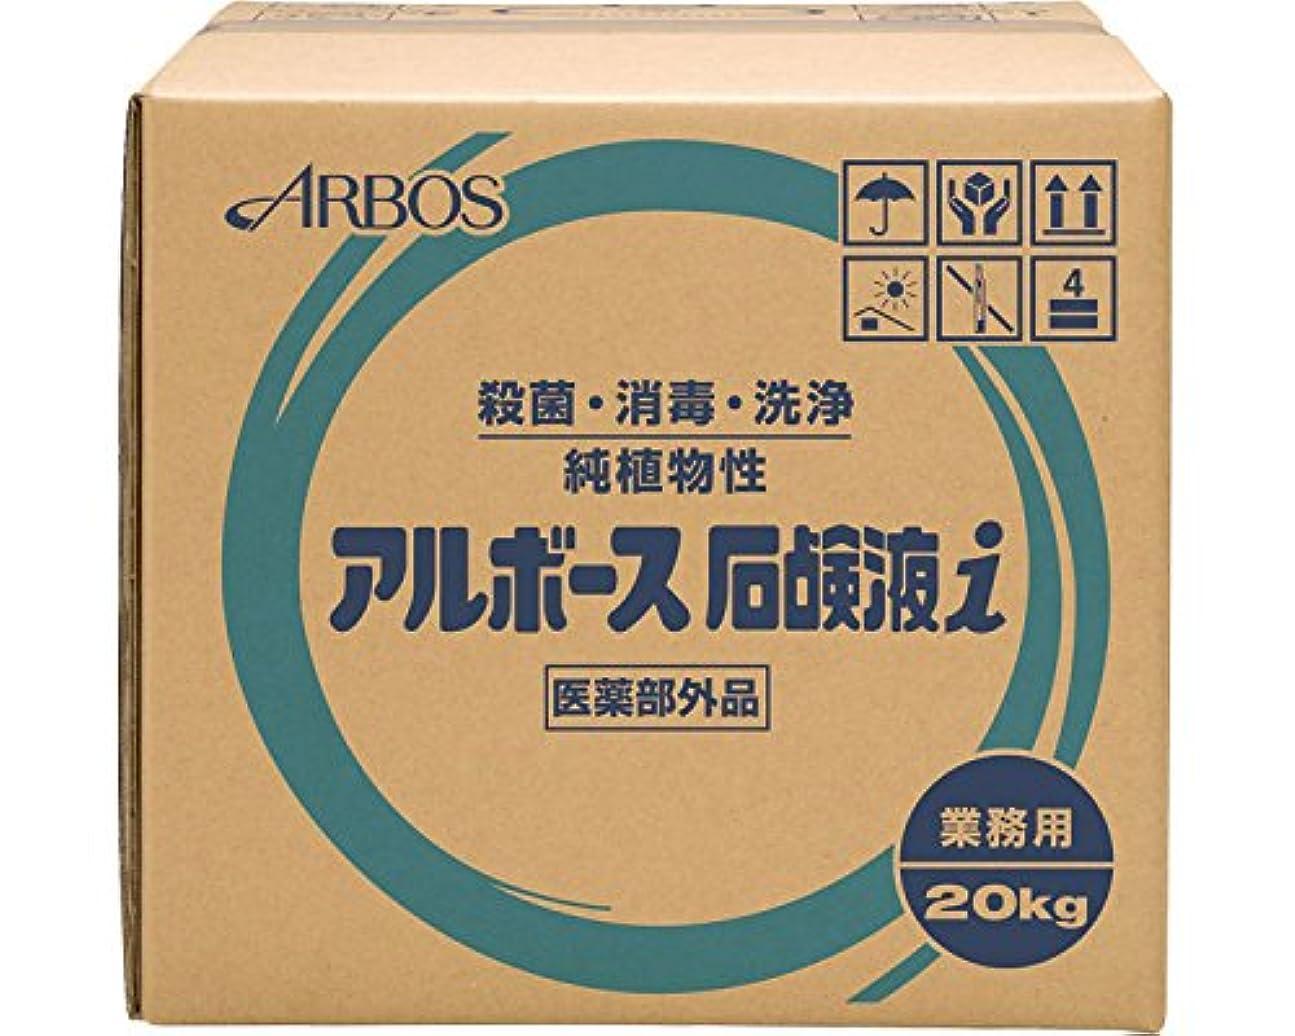 エゴイズムのれんそっとアルボース石鹸液i 20kg (アルボース)